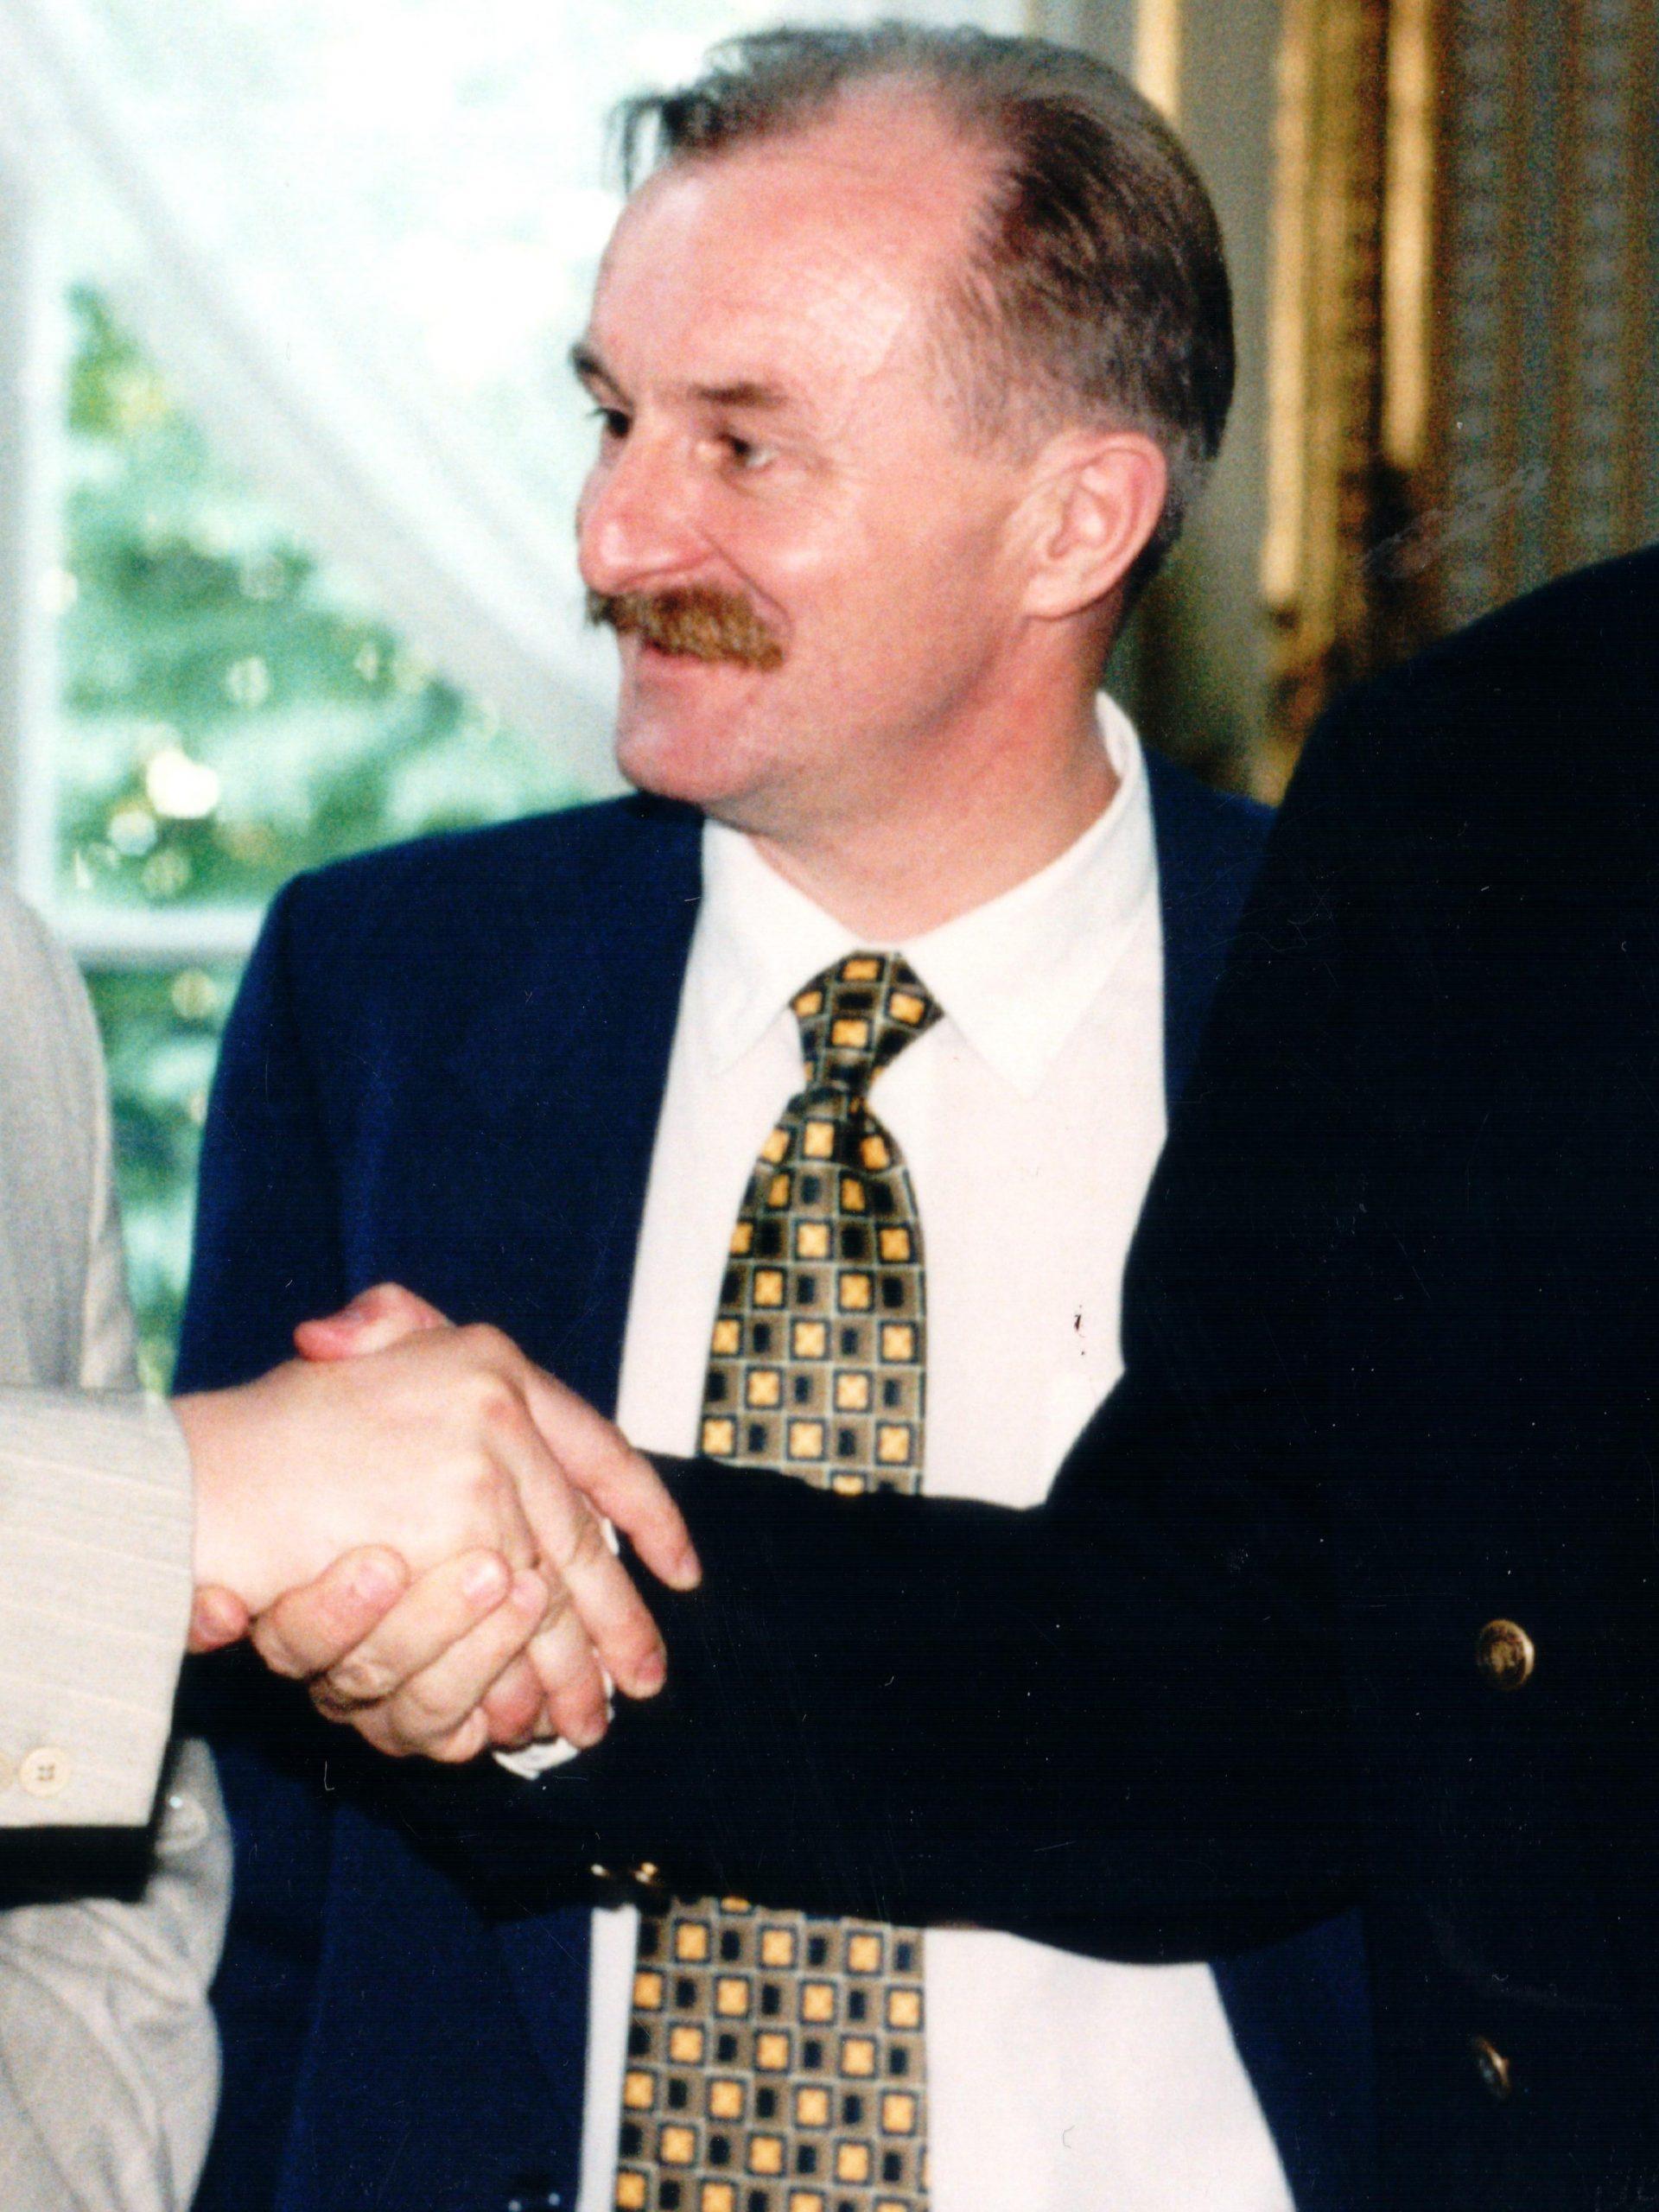 Absolwentem III Wschodniej Szkoły Letniej 1994 r. jest Andrij Deszczycja - b. Minister Spraw Zagranicznych Ukrainy, a od X 2014 r. Ambasador Ukrainy w Polsce. Na zdjęciu od lewej: A. Deszczycja, J. Malicki, J. Micgiel.